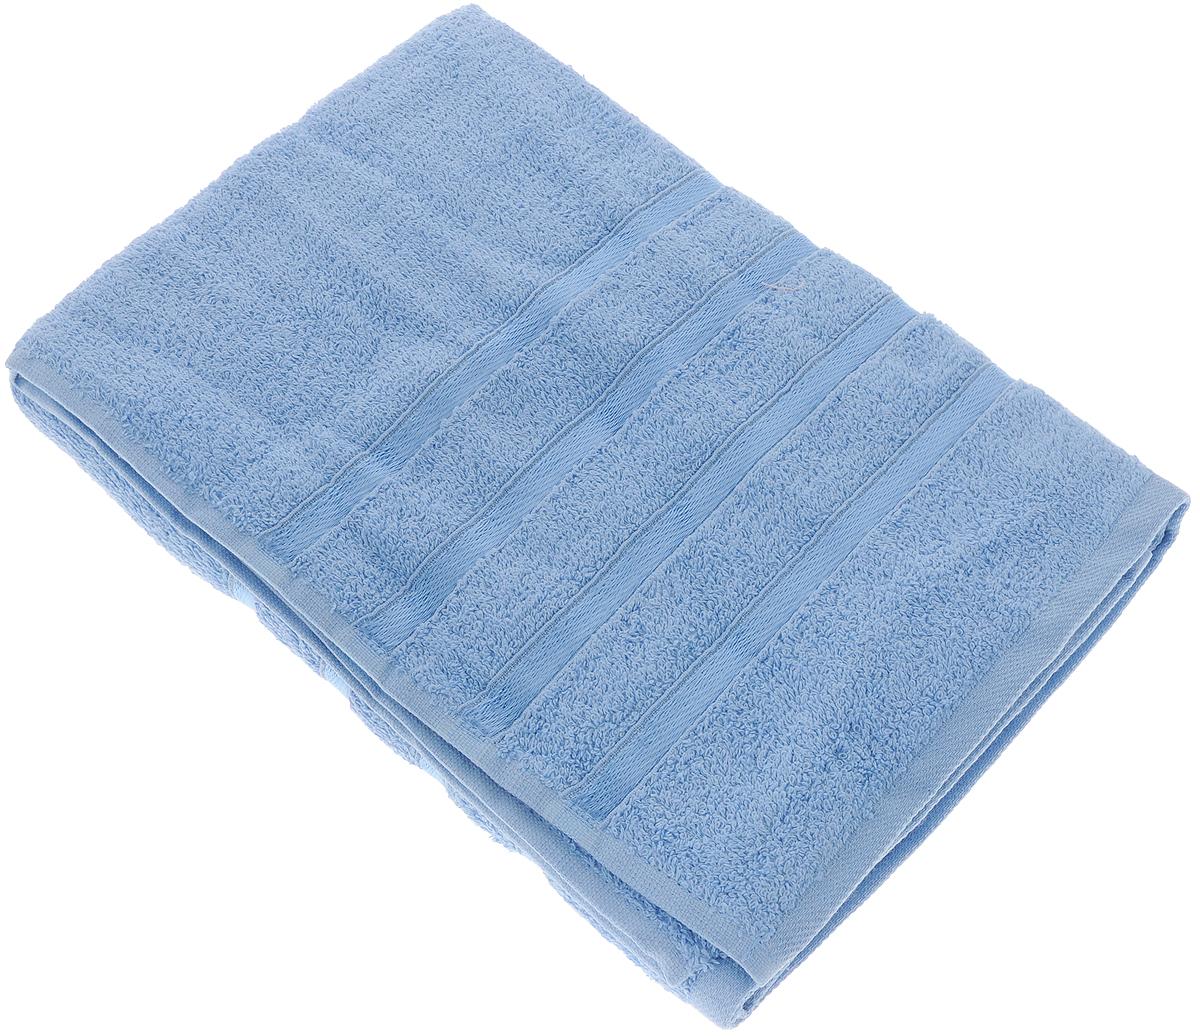 Полотенце Tete-a-Tete Ленты, цвет: голубой, 70 х 135 см. УП-002УП-002-04Полотенце Tete-a-Tete Ленты выполнено из натуральной махровой ткани (100% хлопок). Изделие отлично впитывает влагу, быстро сохнет, сохраняет яркость цвета и не теряет форму даже после многократных стирок. Полотенце очень практично и неприхотливо в уходе. Оно станет достойным выбором для вас и приятным подарком для ваших близких.